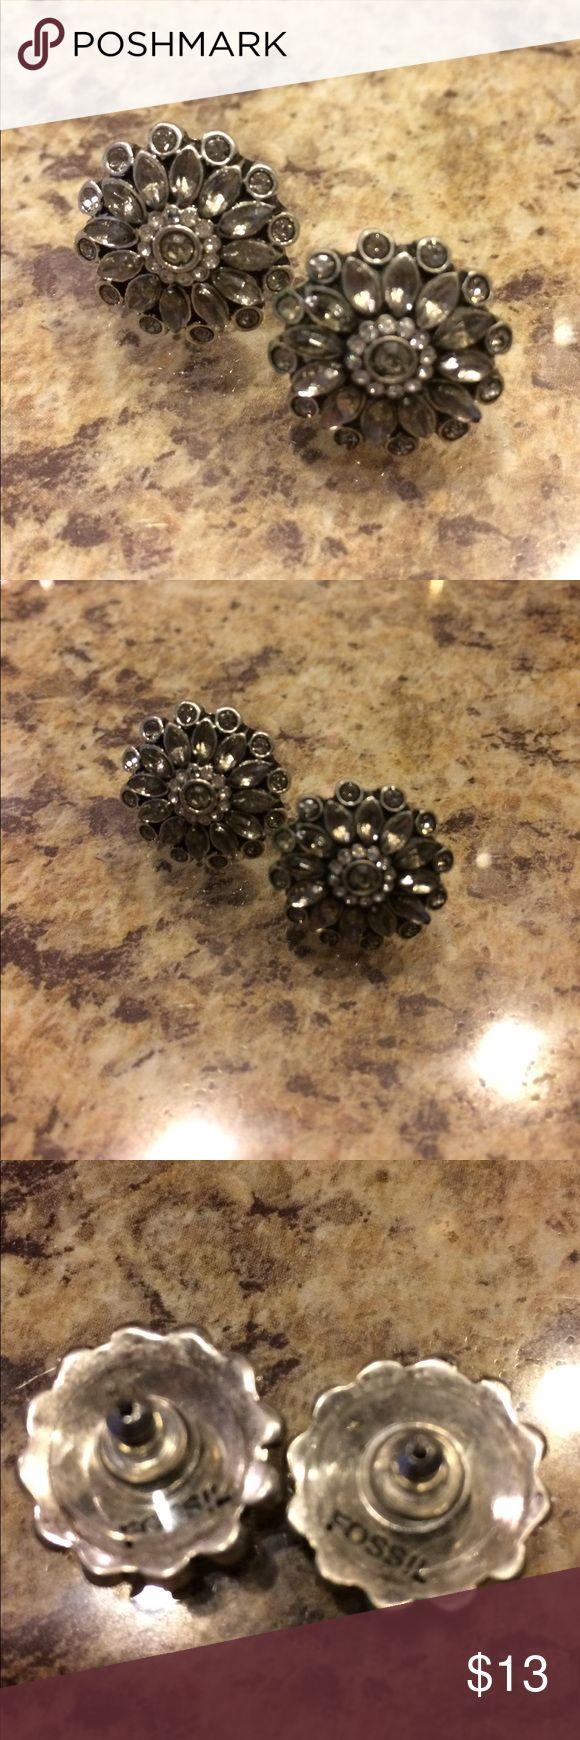 Fossil earrings Fossil earrings; about 1/2 inch in diameter Fossil Jewelry Earrings